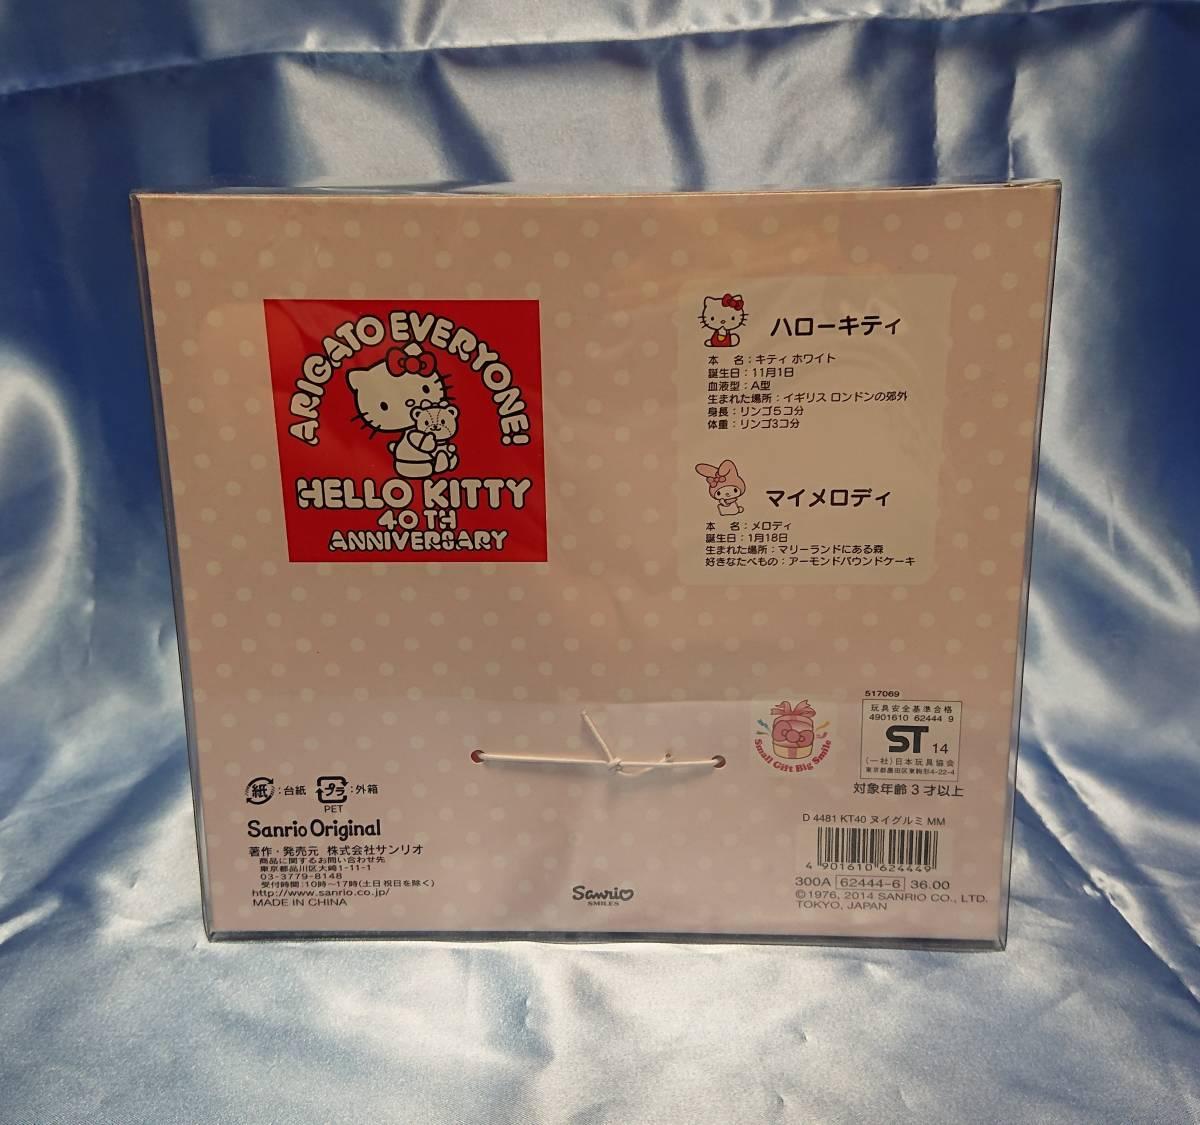 【送料無料】ハローキティー & マイメロディー 40周年 ぬいぐるみ 40th ANNIVERSARY【サンリオ】_画像3